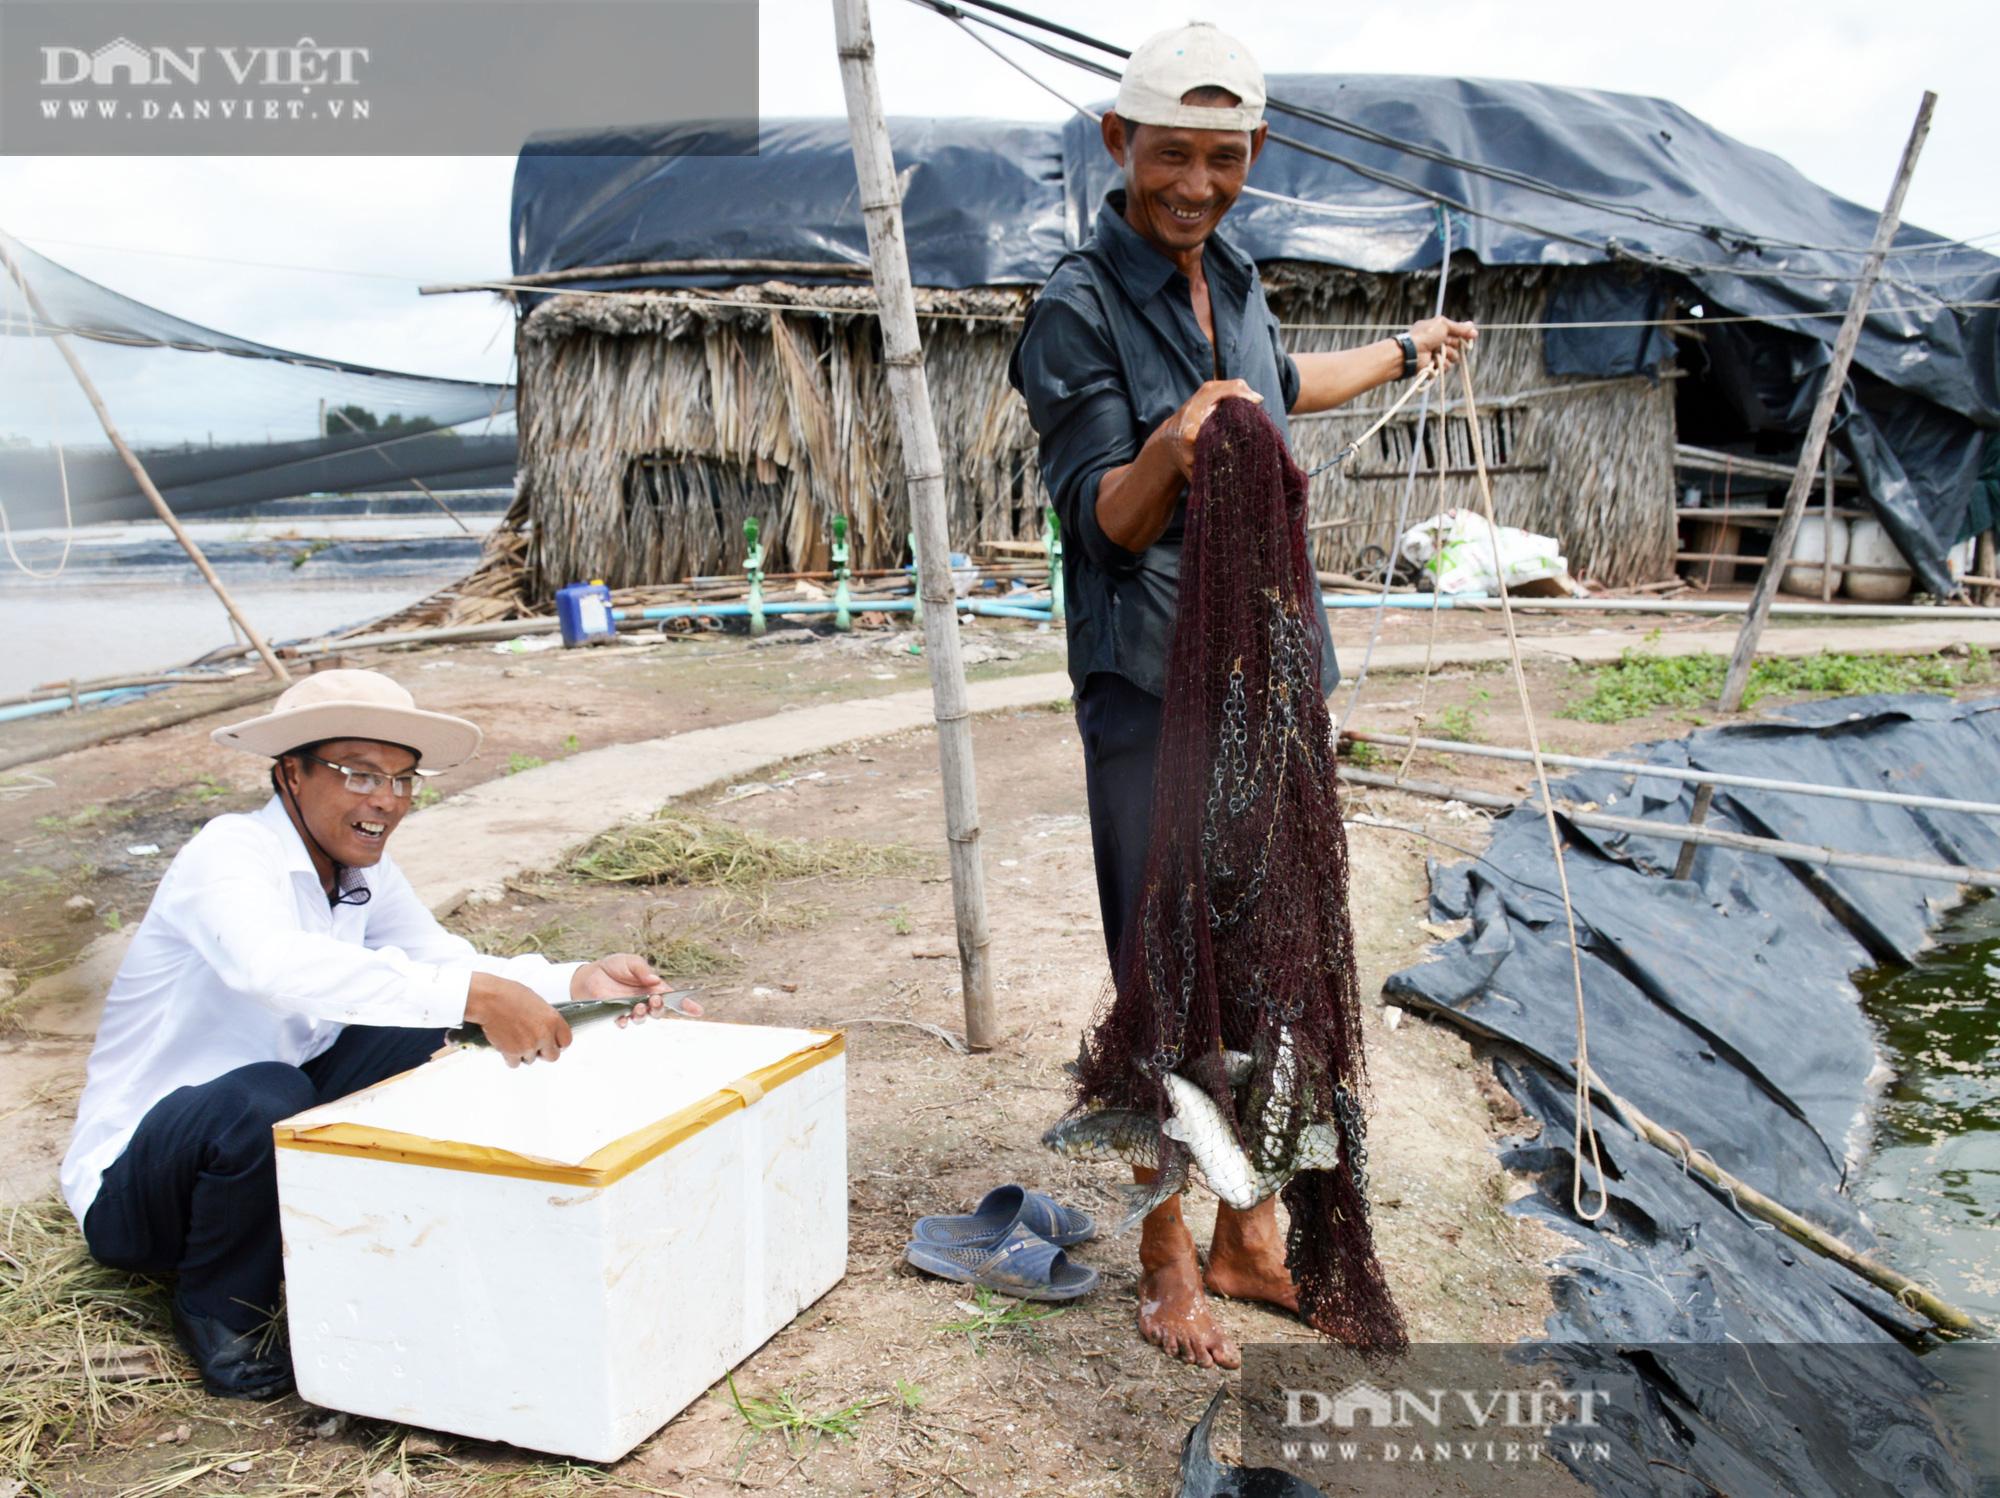 Bạc Liêu: Chàng kỹ sư bỏ công ty nước ngoài về làm nông dân nuôi 15 loài thủy sản - Ảnh 2.